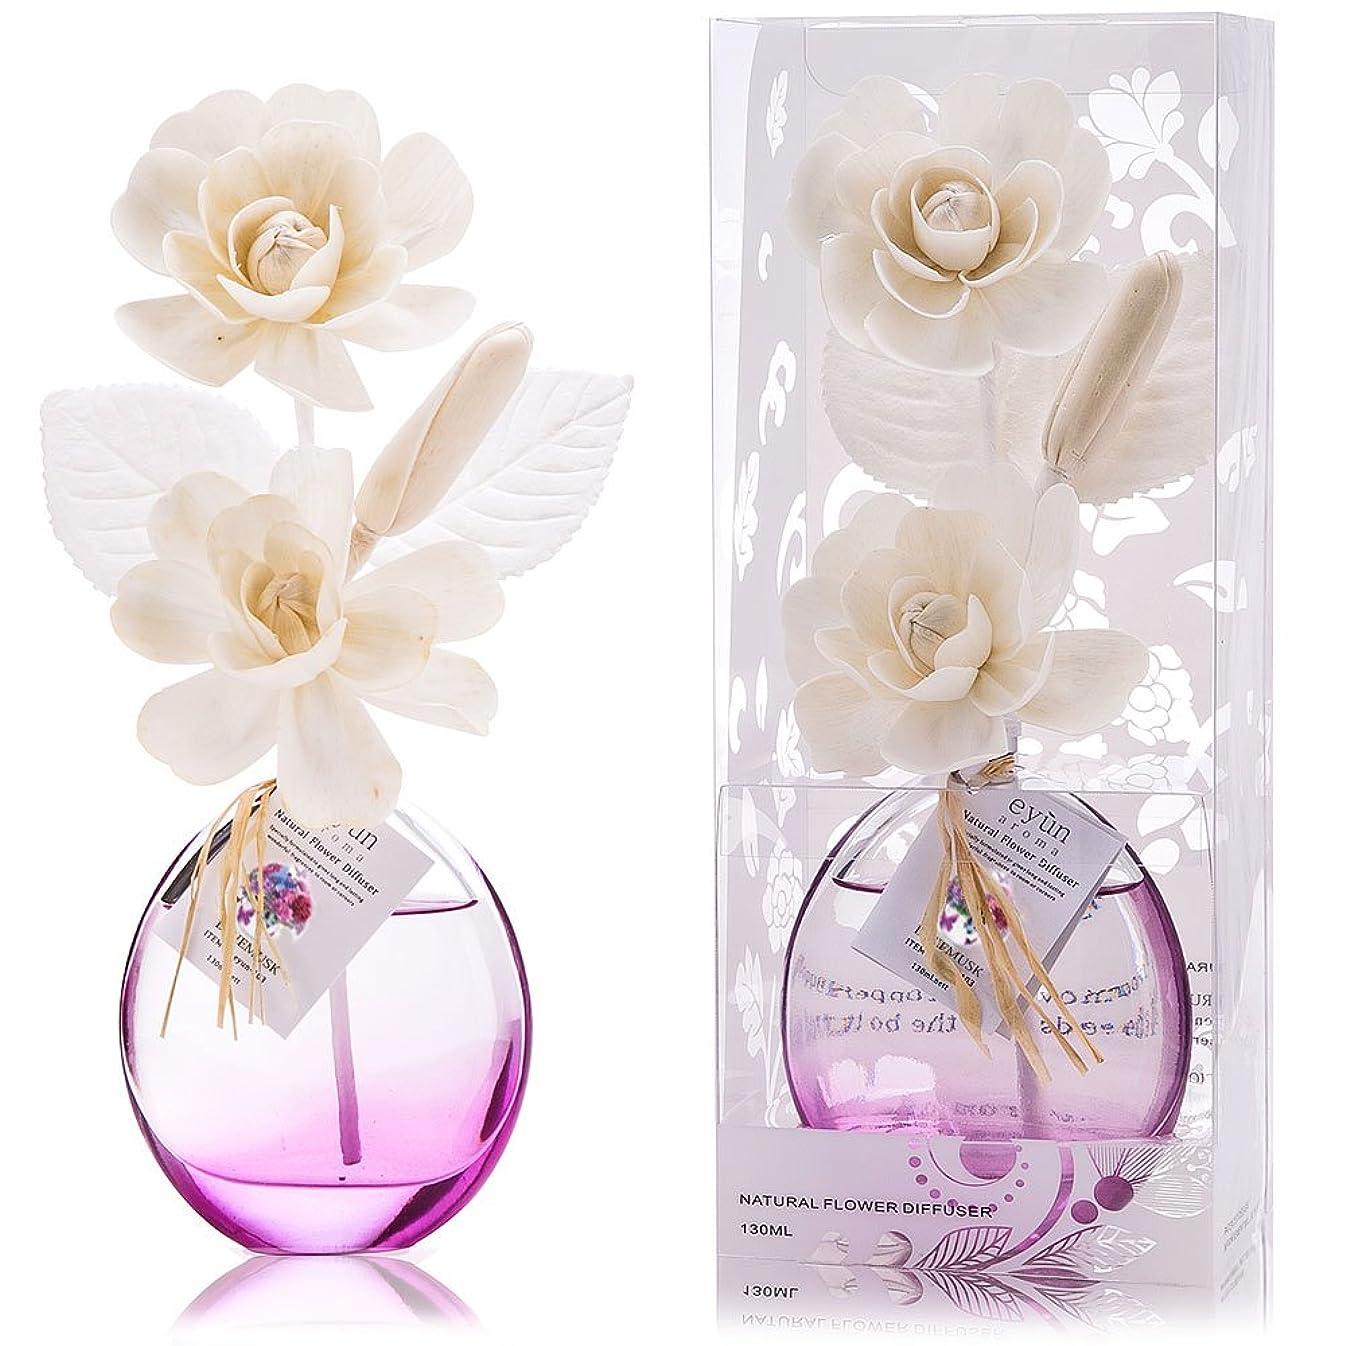 メロディアス宙返り旋律的誕生日 プレゼント に A03 ルームフレグランス (花瓶:紫、香り:ブルー ムスク)